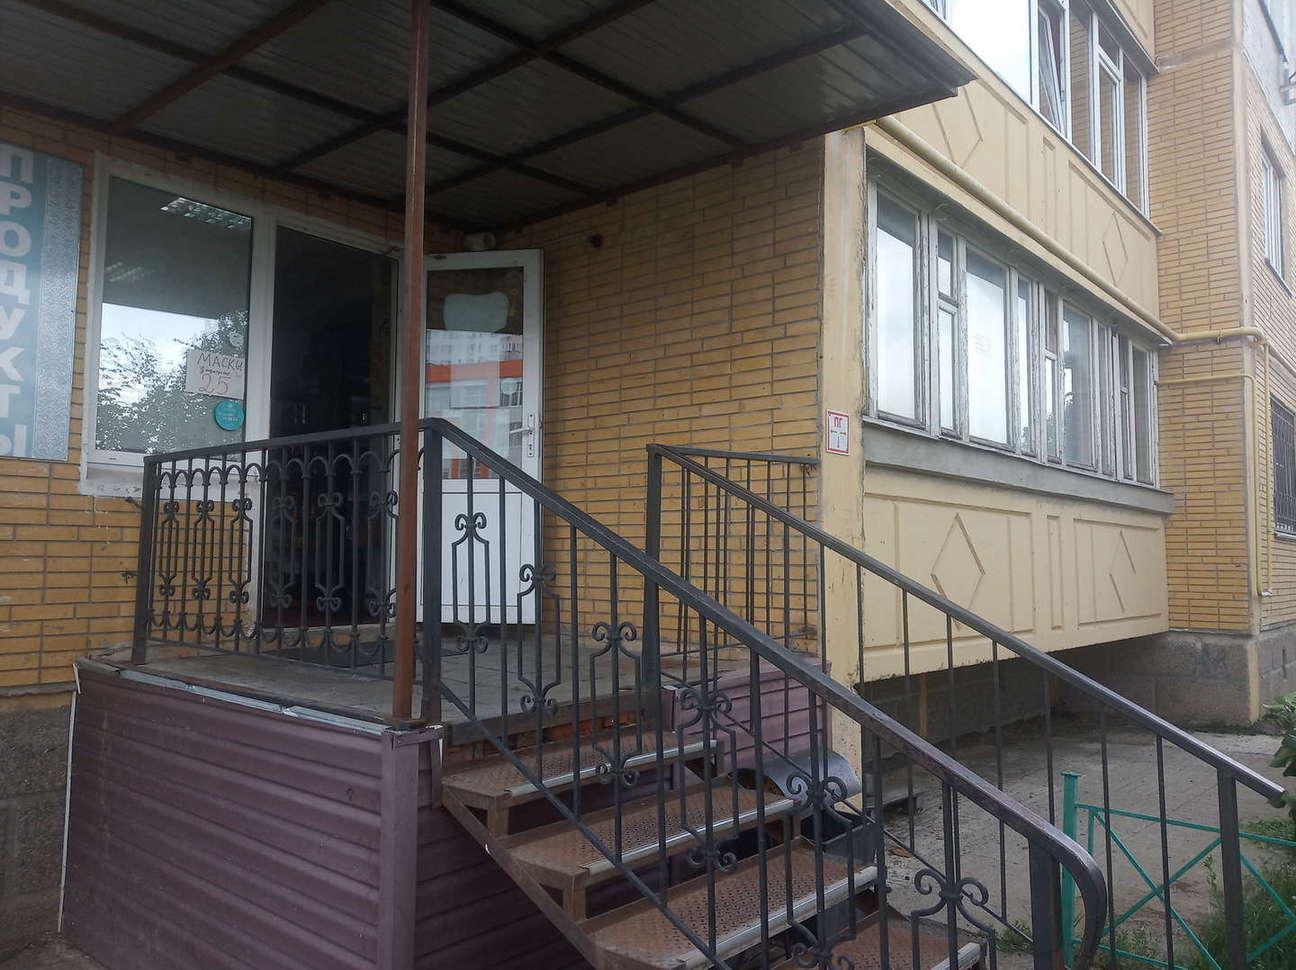 Курск, ул.Победы проспект, 1-этаж 9-этажного здания